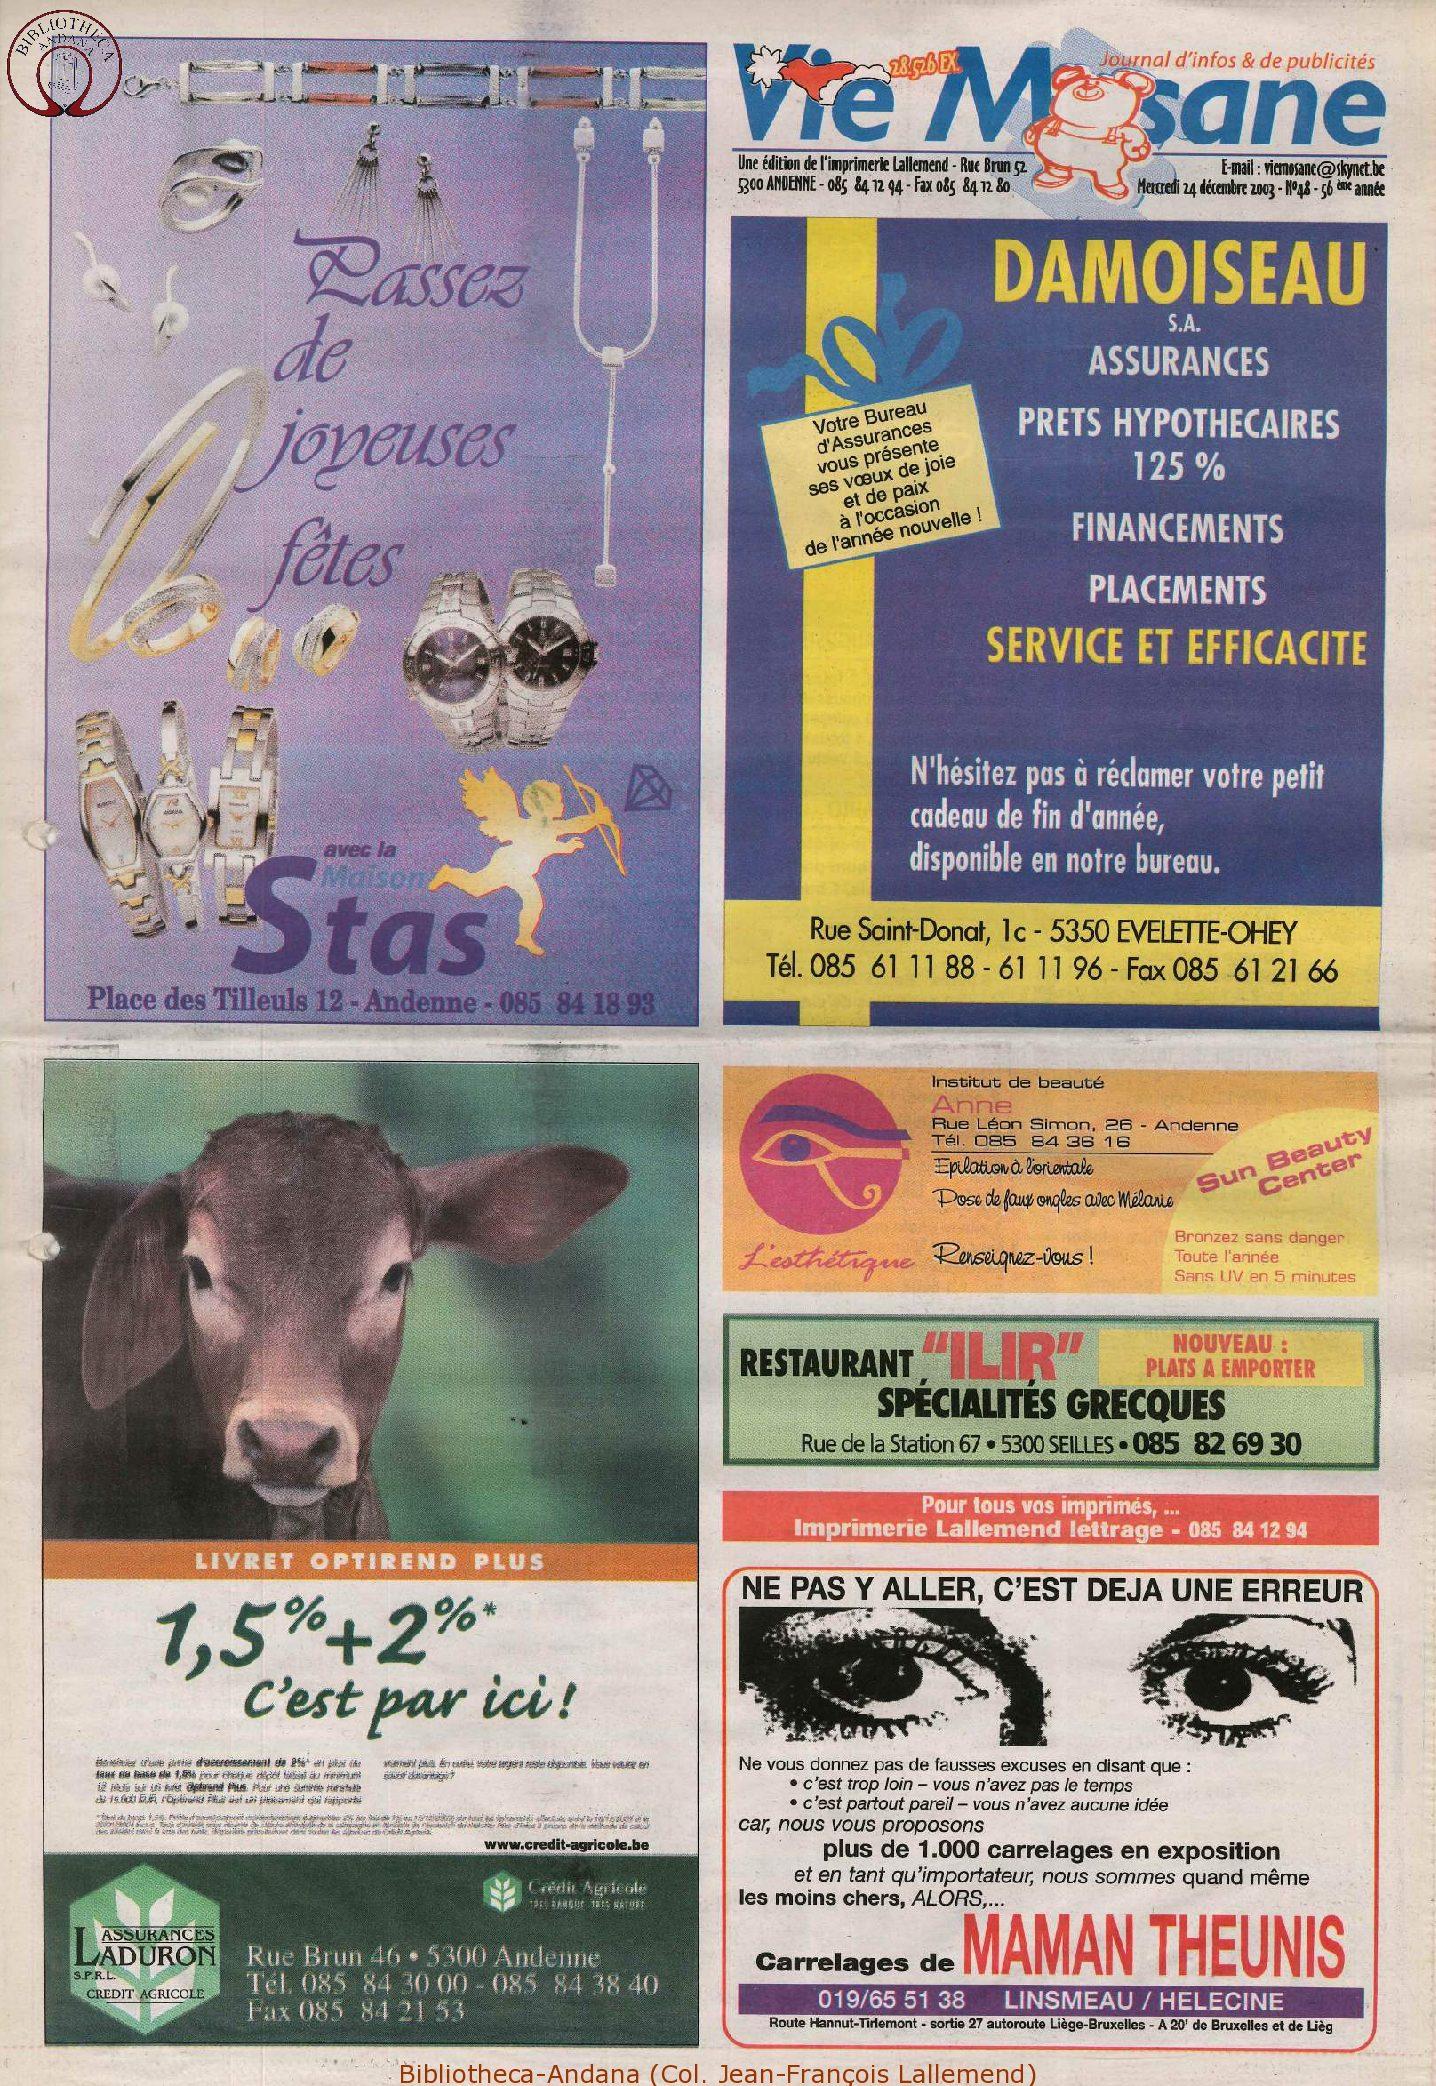 57e année - n°48 - 24 décembre 2003